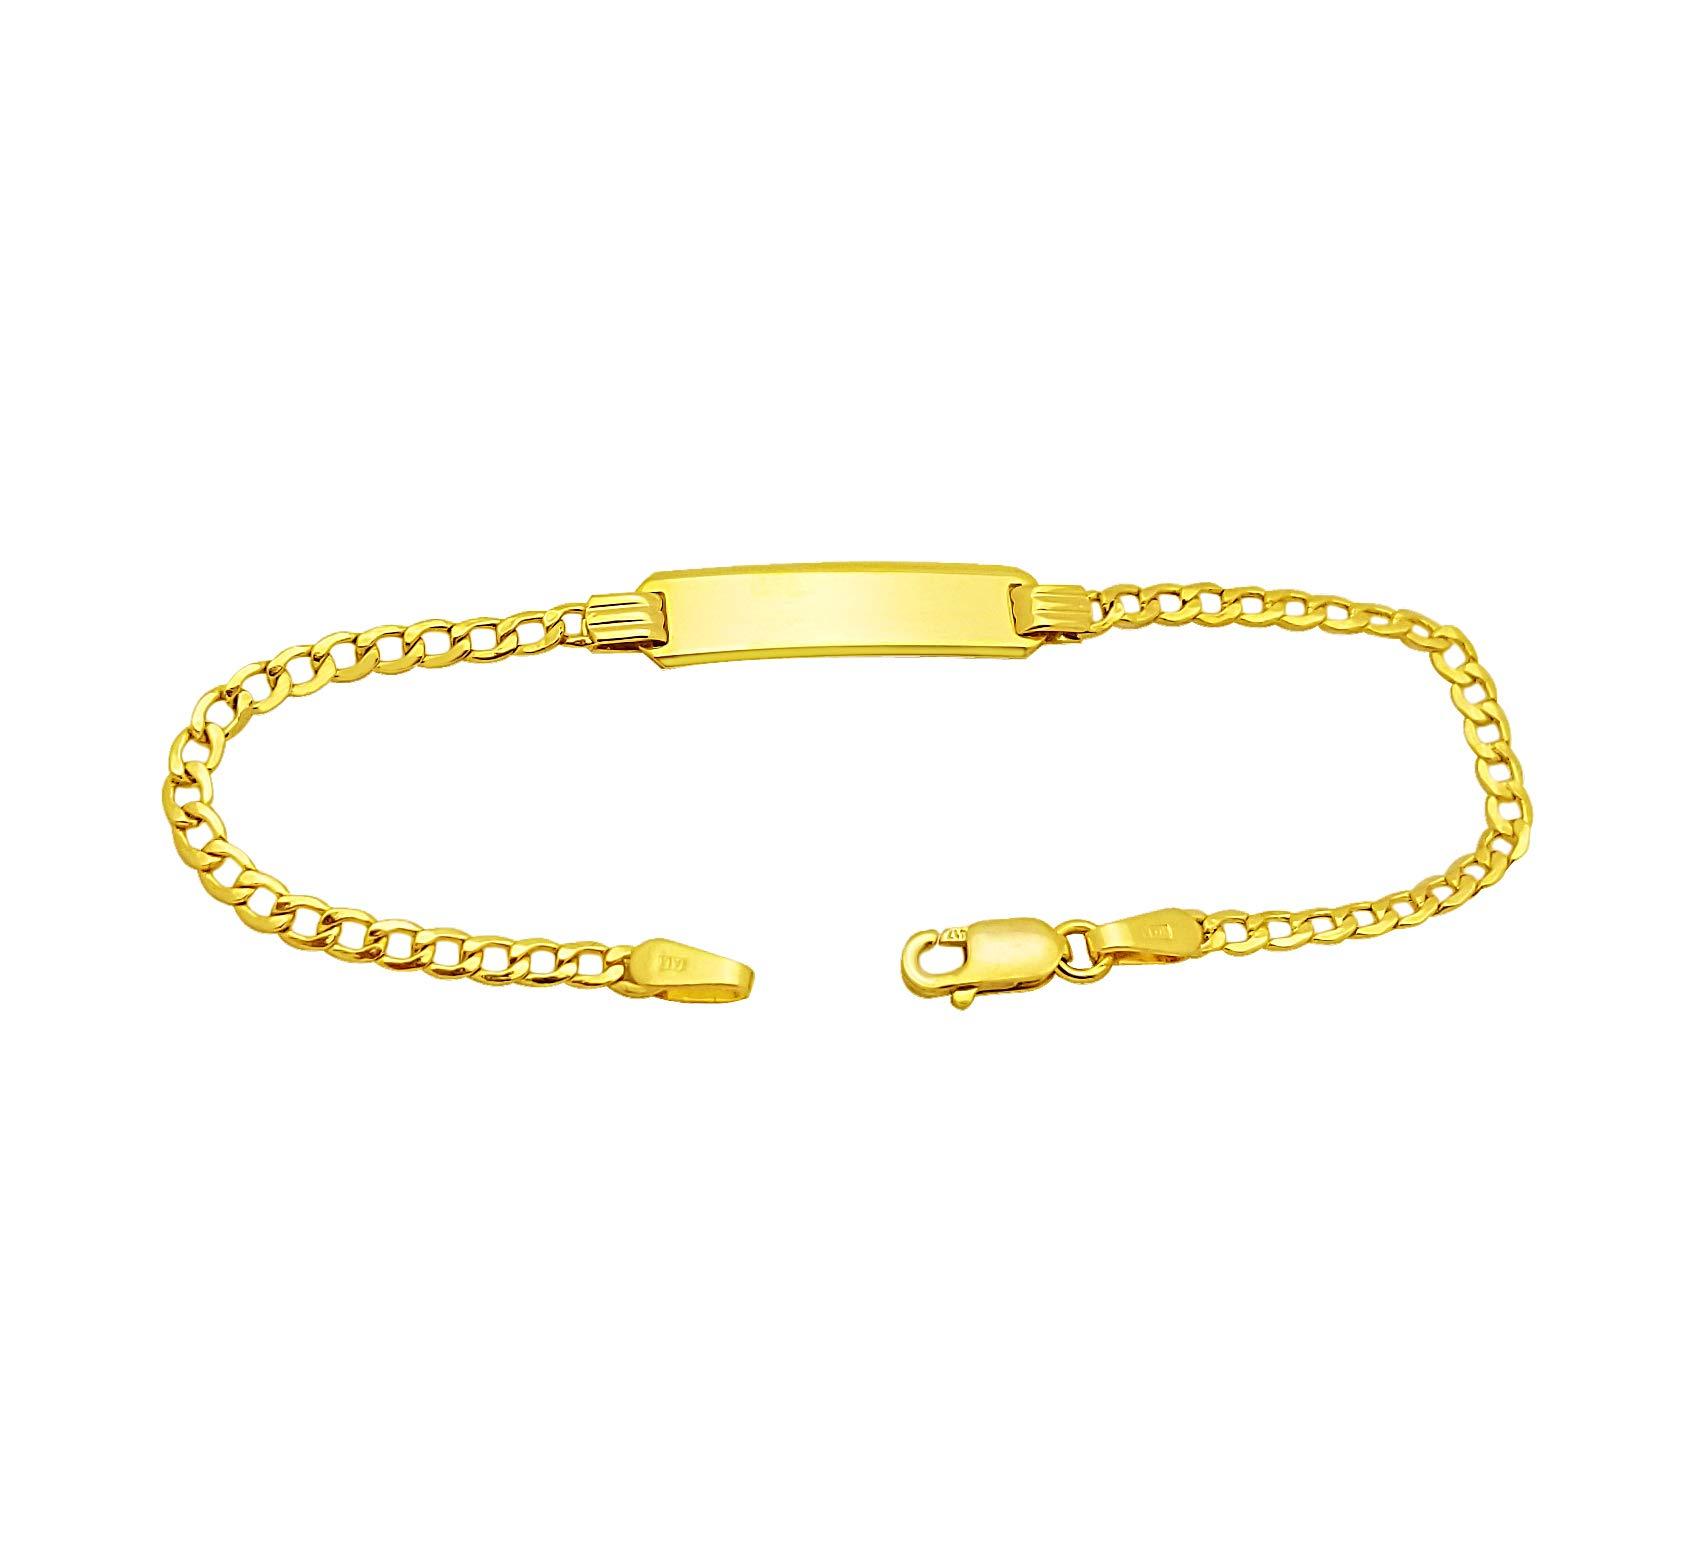 AMZ Jewelry Babies 10k Yellow Gold Cuban Link ID Bracelet 5.5 in